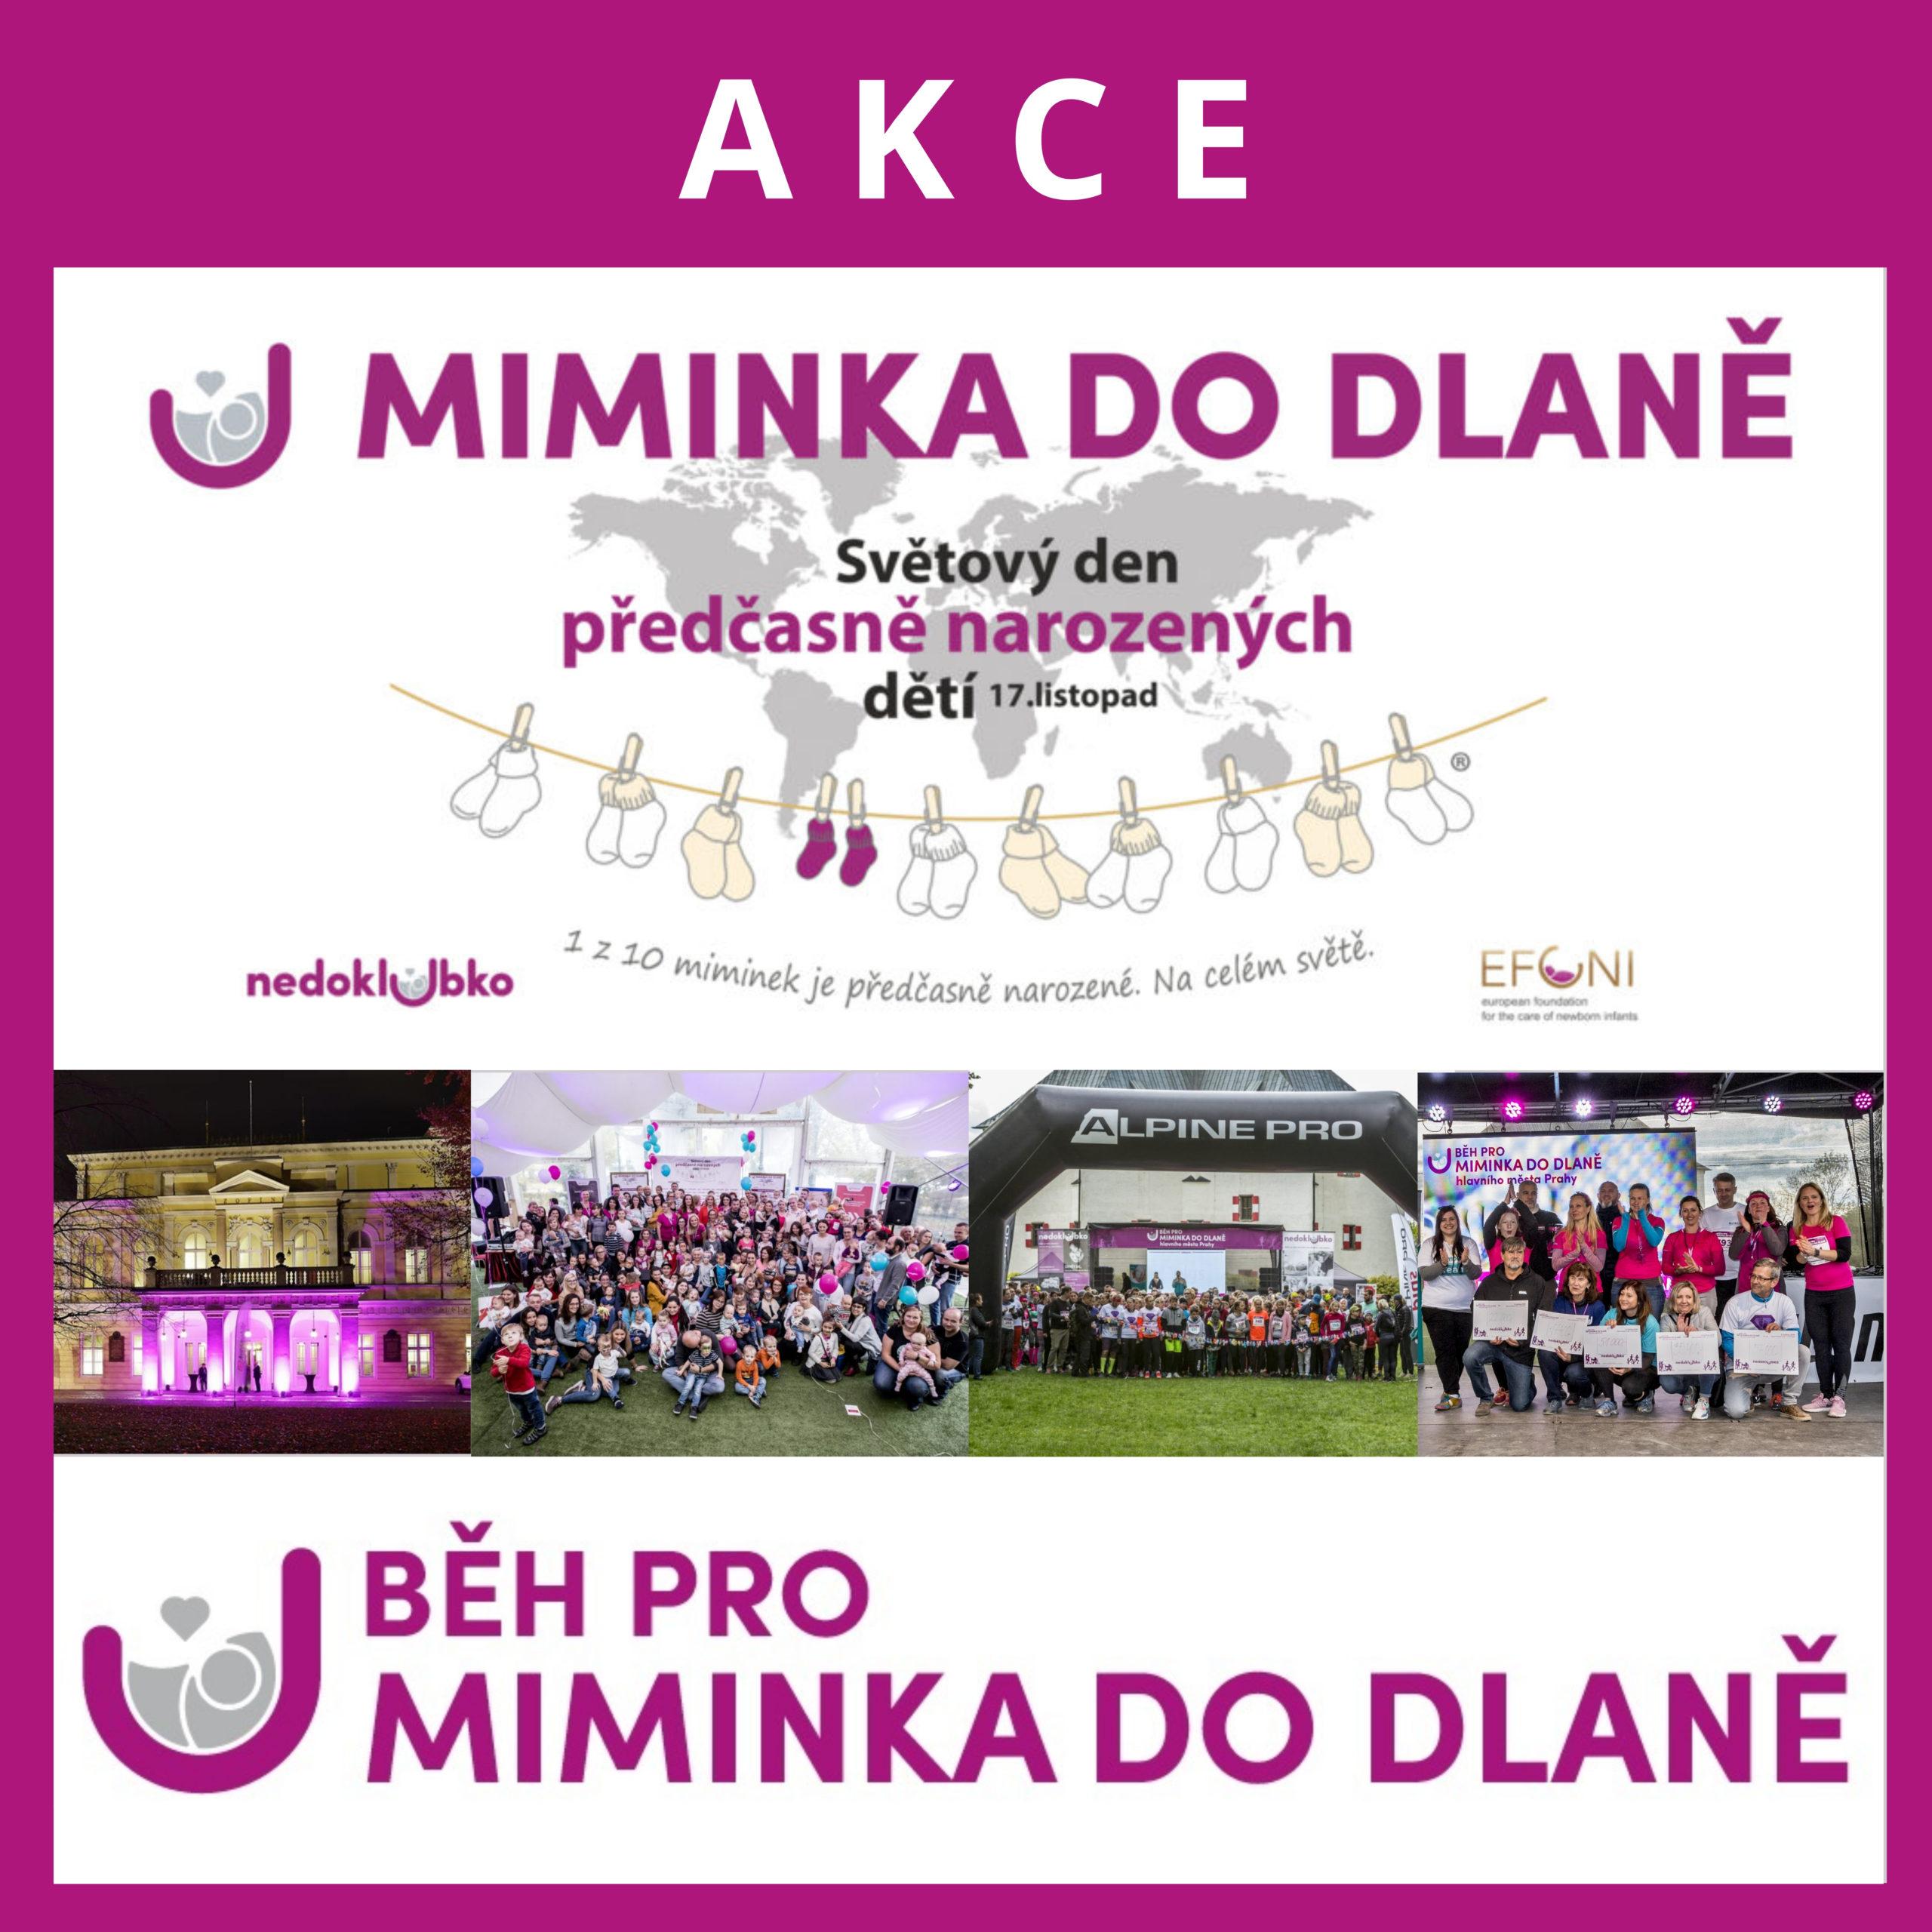 AKCE (1)